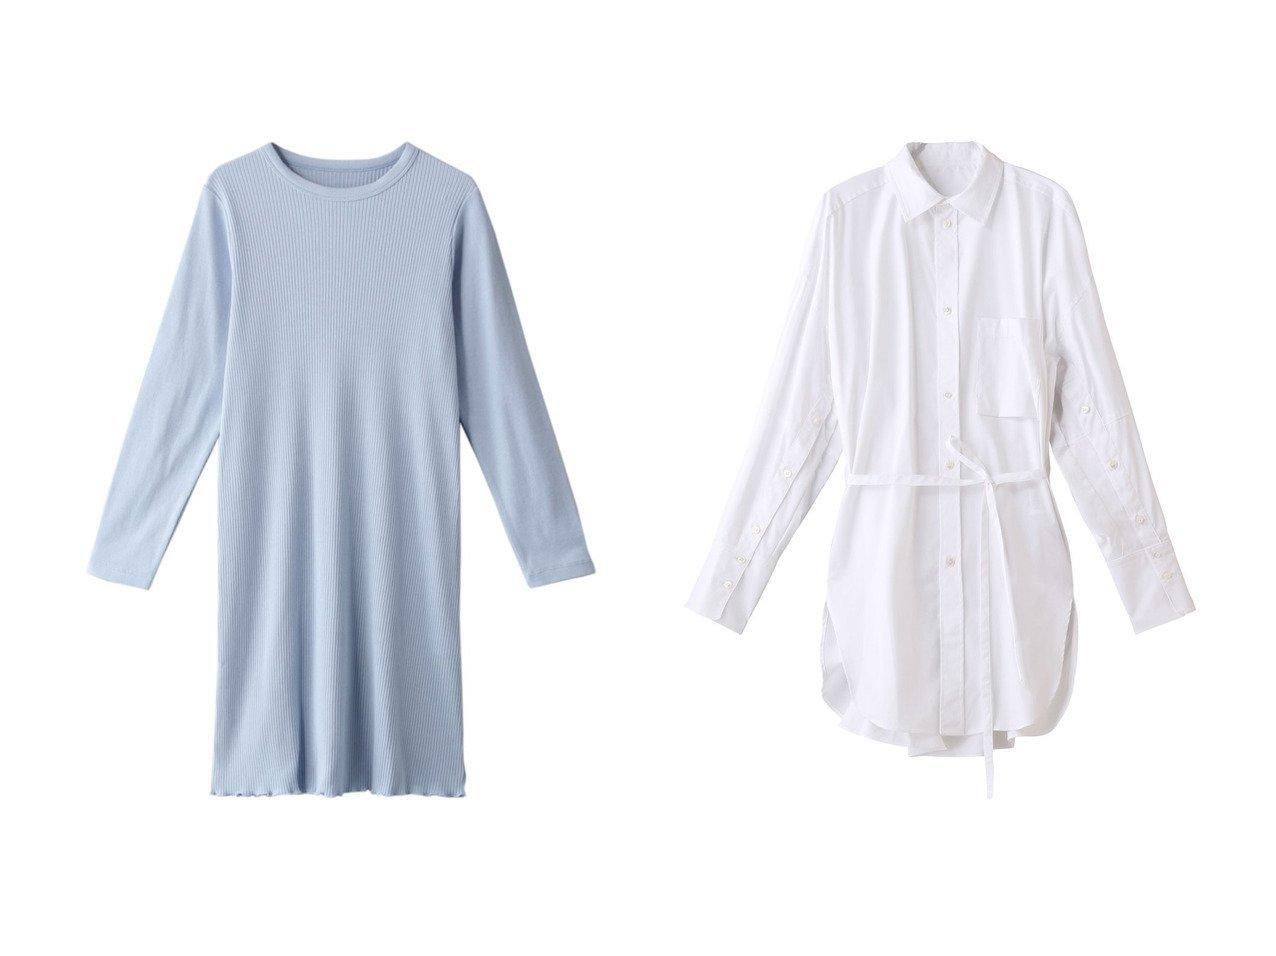 【KID BLUE/キッドブルー】の21ベアフライス&テレコチュニック&【MAISON SPECIAL/メゾンスペシャル】のオーバーチュニックシャツ 【トップス・カットソー】おすすめ!人気、トレンド・レディースファッションの通販 おすすめで人気の流行・トレンド、ファッションの通販商品 メンズファッション・キッズファッション・インテリア・家具・レディースファッション・服の通販 founy(ファニー) https://founy.com/ ファッション Fashion レディースファッション WOMEN トップス・カットソー Tops/Tshirt シャツ/ブラウス Shirts/Blouses おすすめ Recommend セットアップ チュニック テレコ リラックス レギンス 定番 Standard スリット スリーブ ロング  ID:crp329100000032685